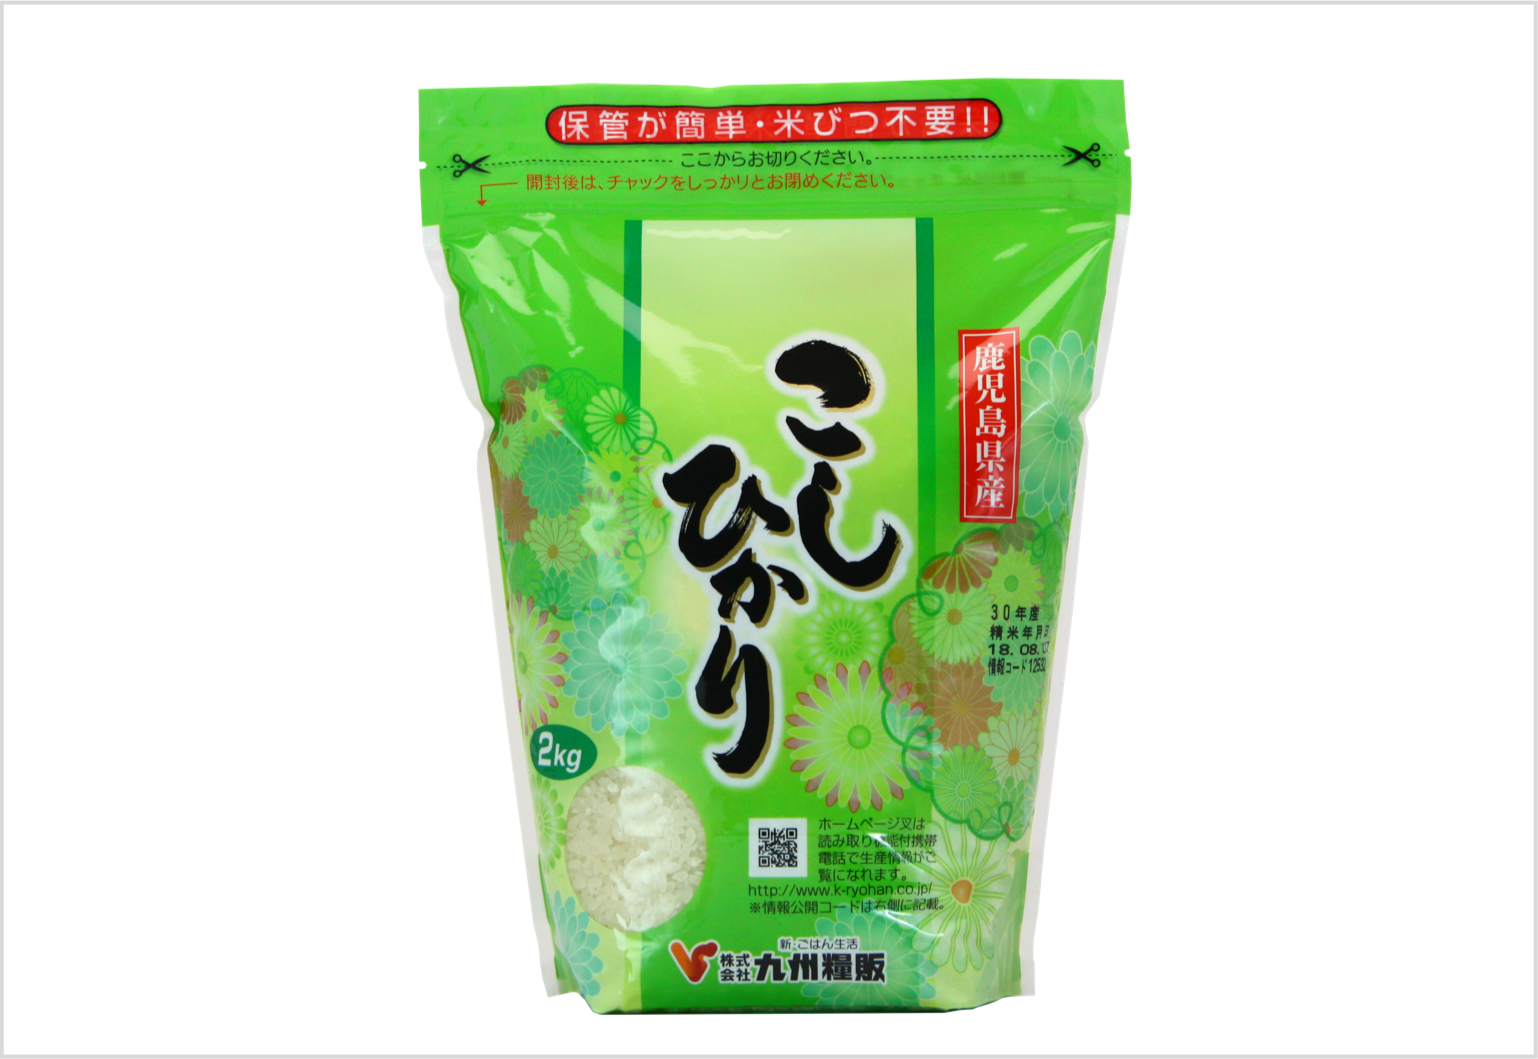 鹿児島こしひかり2kgスタンドパック(鹿児島コシヒカリ100%)